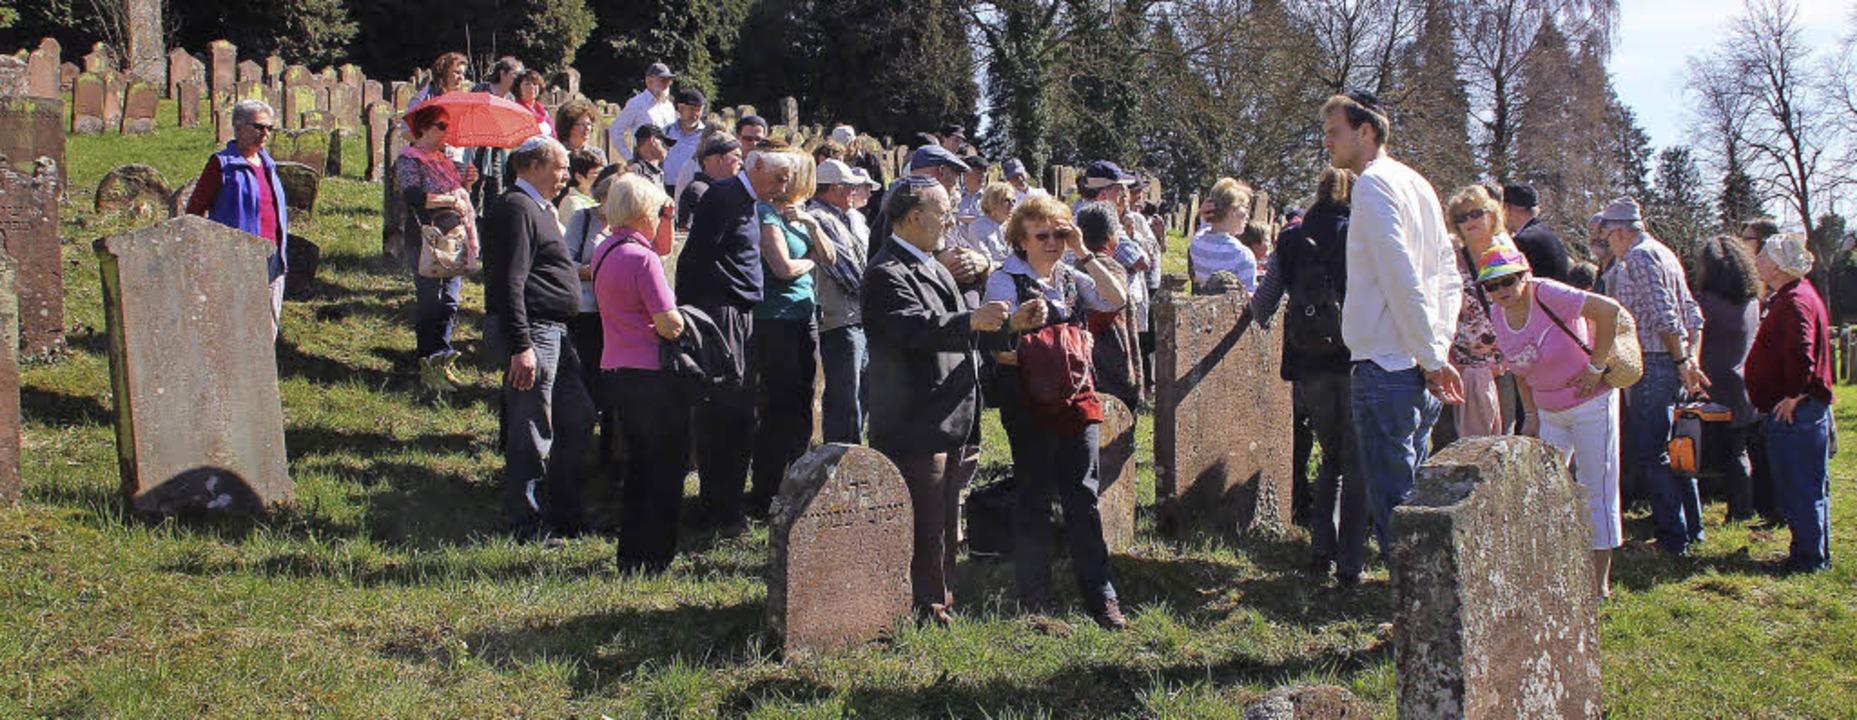 80 Besucher ließen sich den 1682 gegrü...eim mit seinen 2500 Gräbern erklären.     Foto: Sieberts